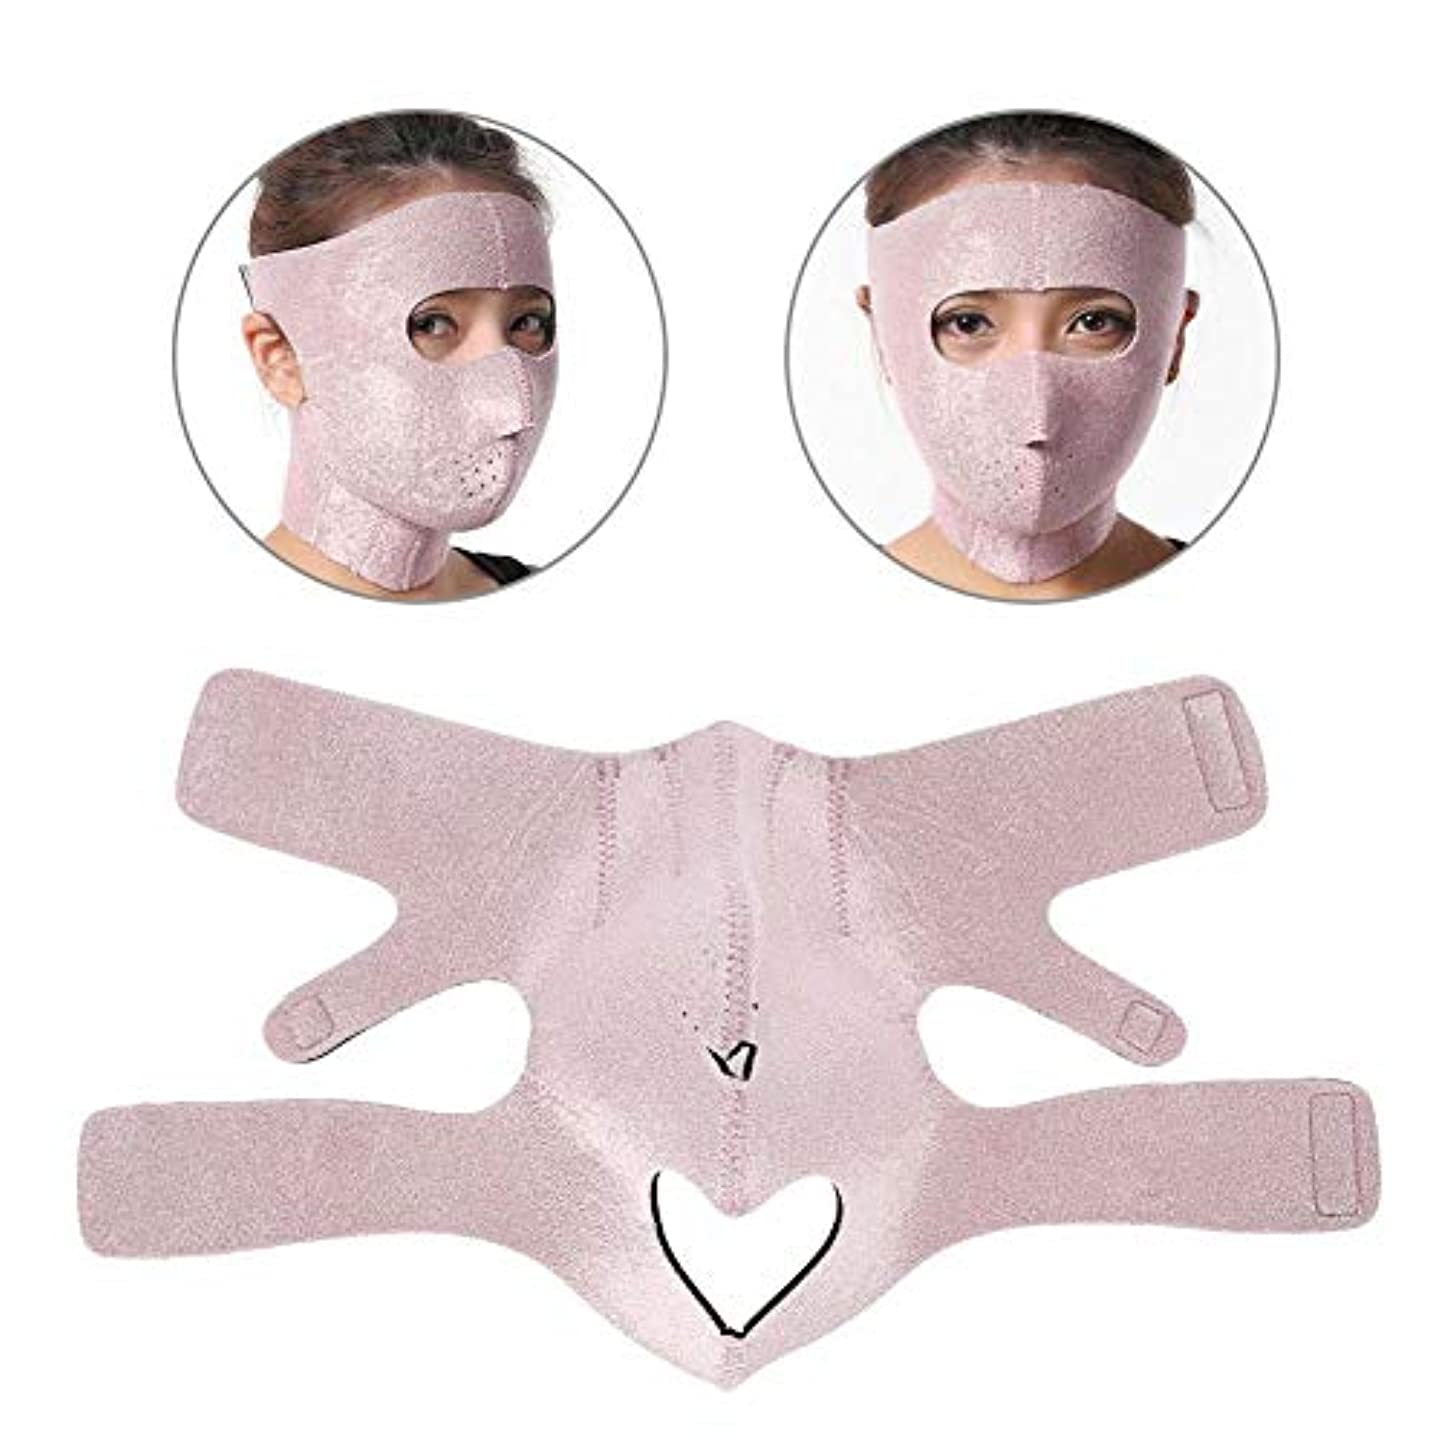 困惑するデュアル最終顔の輪郭を改善する 美容包帯 フェイスリフト用フェイスマスク 通気性/伸縮性/変形不可